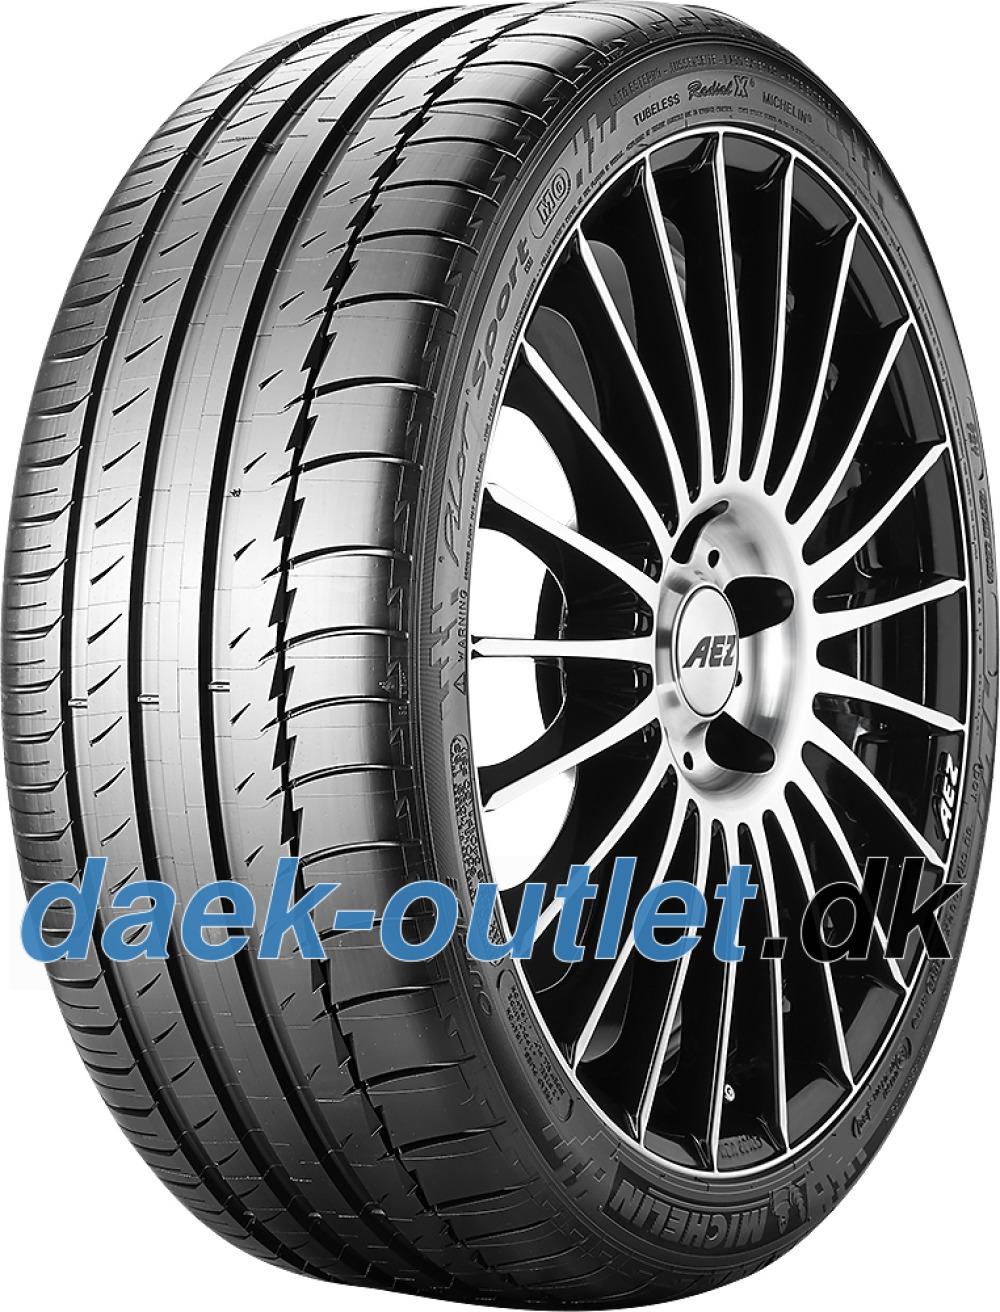 Michelin Pilot Sport PS2 ( 245/40 ZR18 93Y med fælgbeskyttelses liste (FSL) )